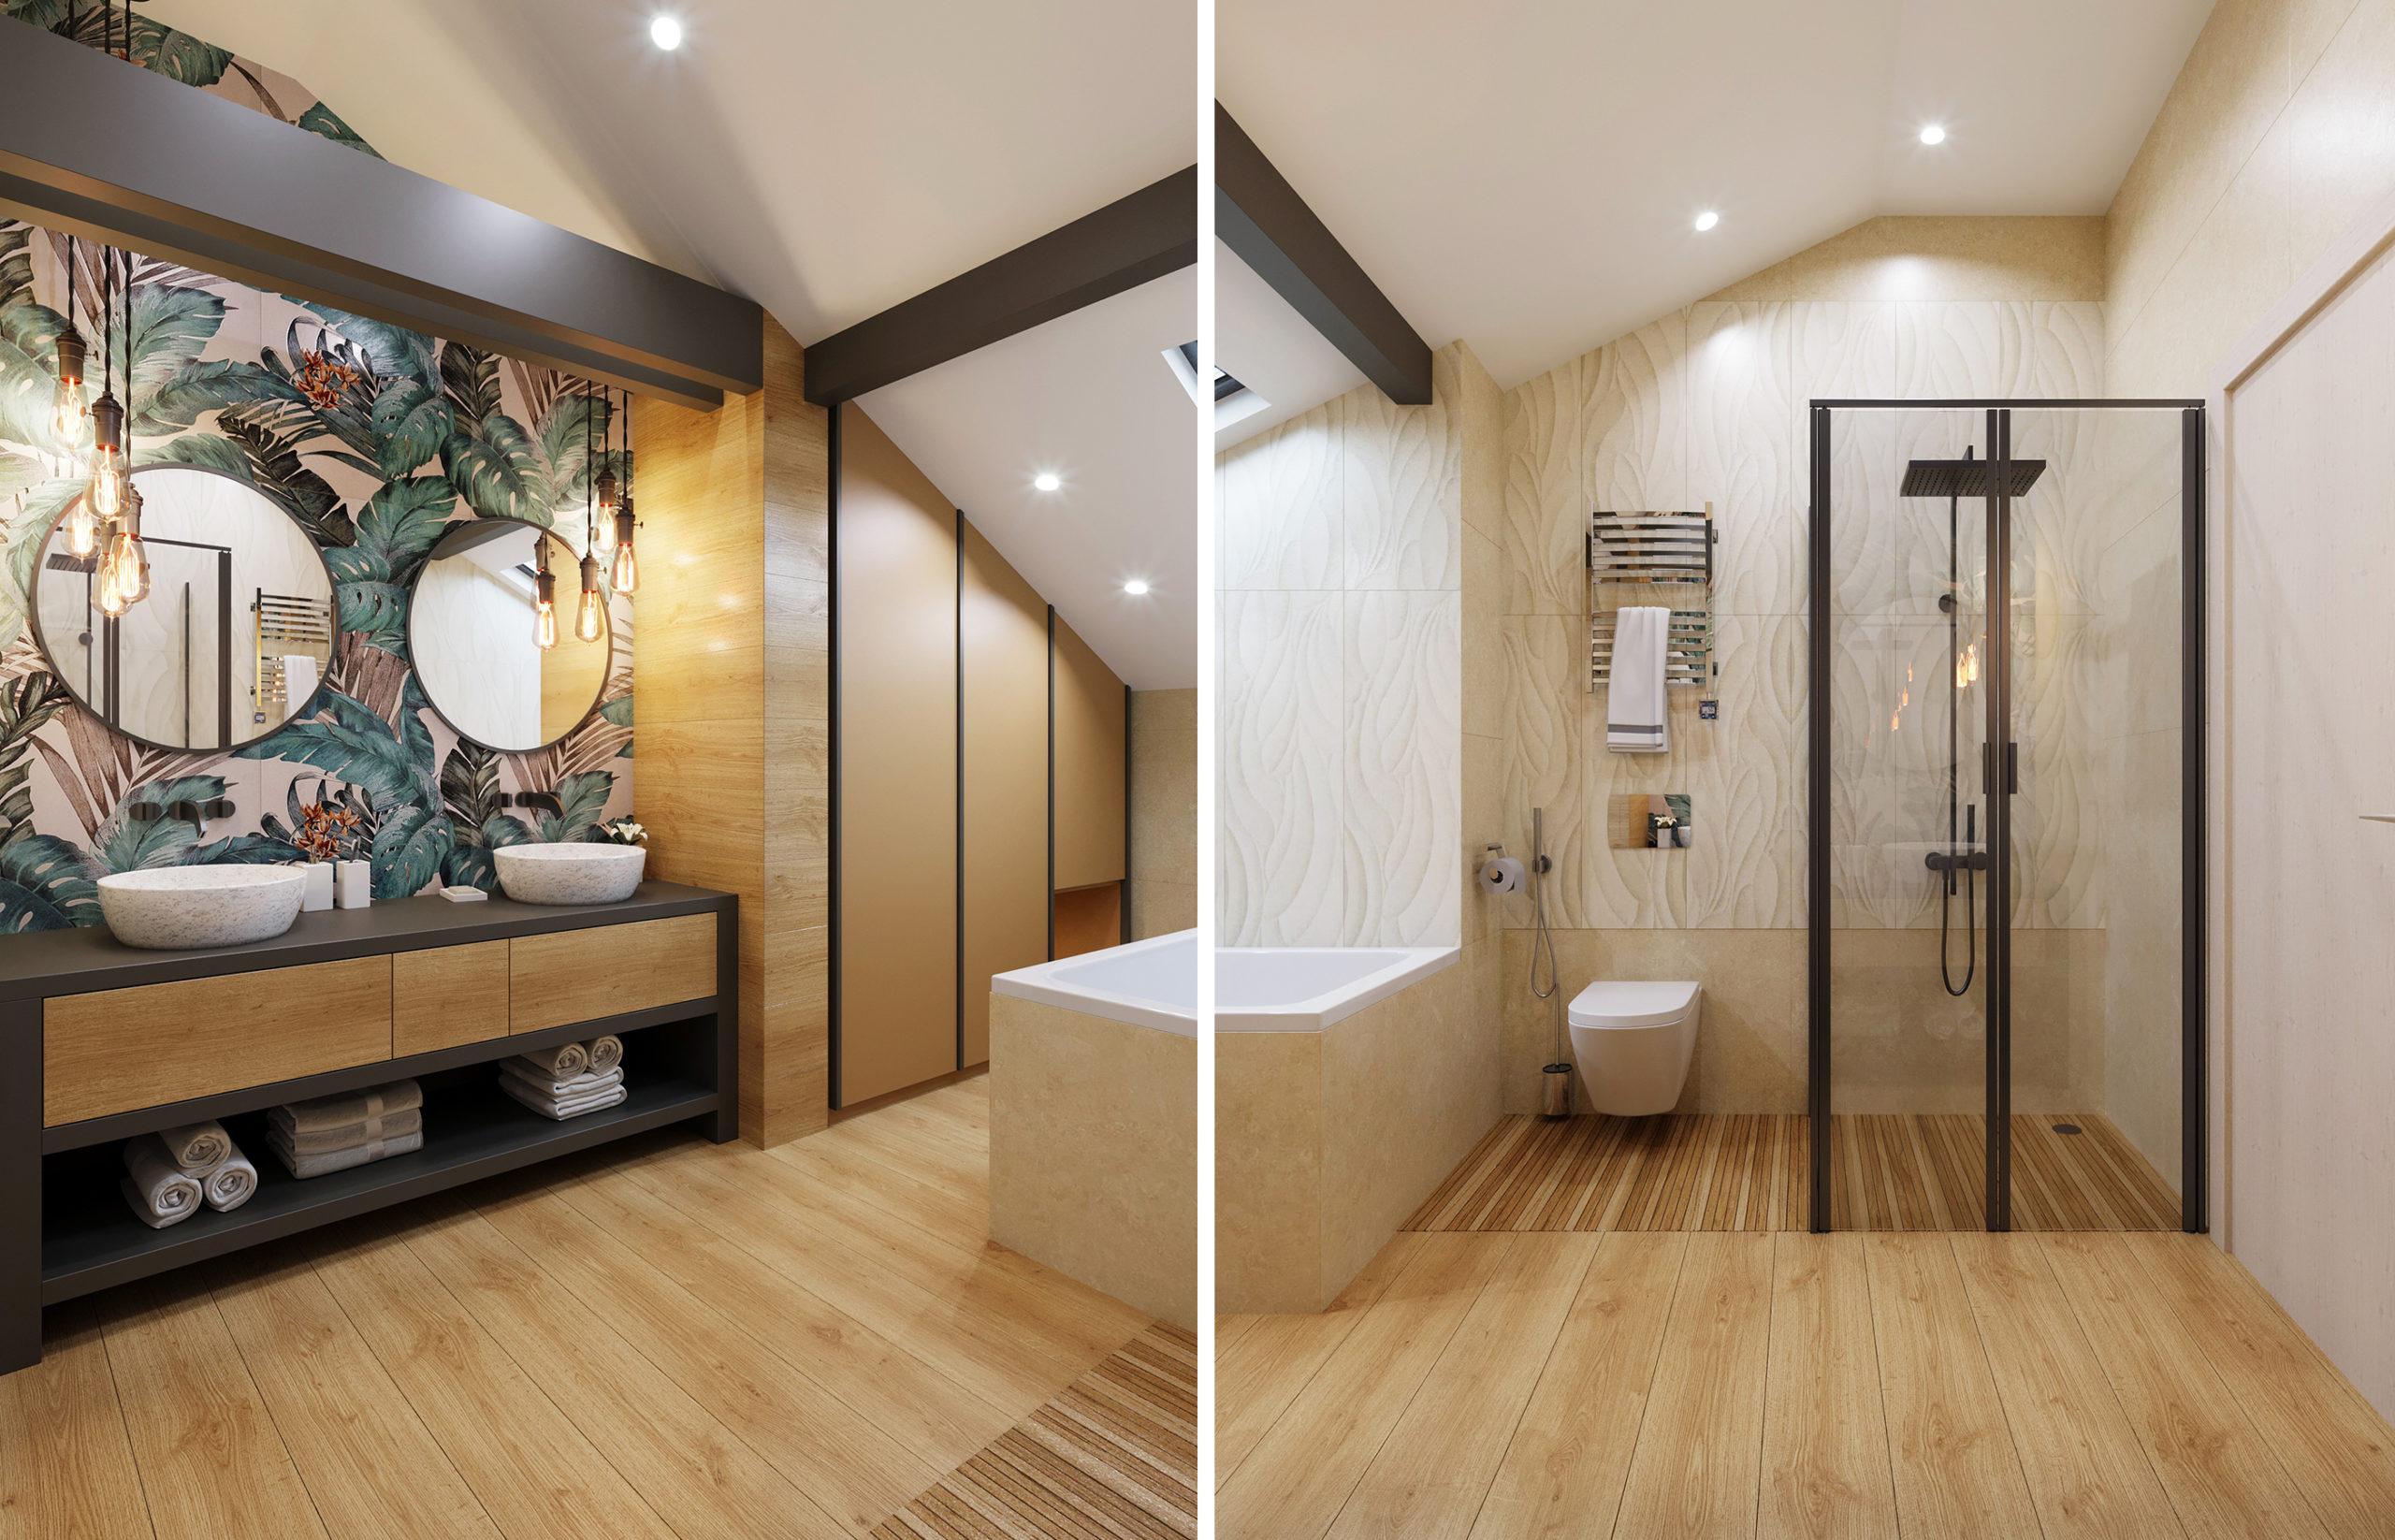 За лаконичными шпонированными панелями прячется большой хозяйственный шкаф. Никакие бытовые детали не нарушают теплую атмосферу интерьера ванной комнаты